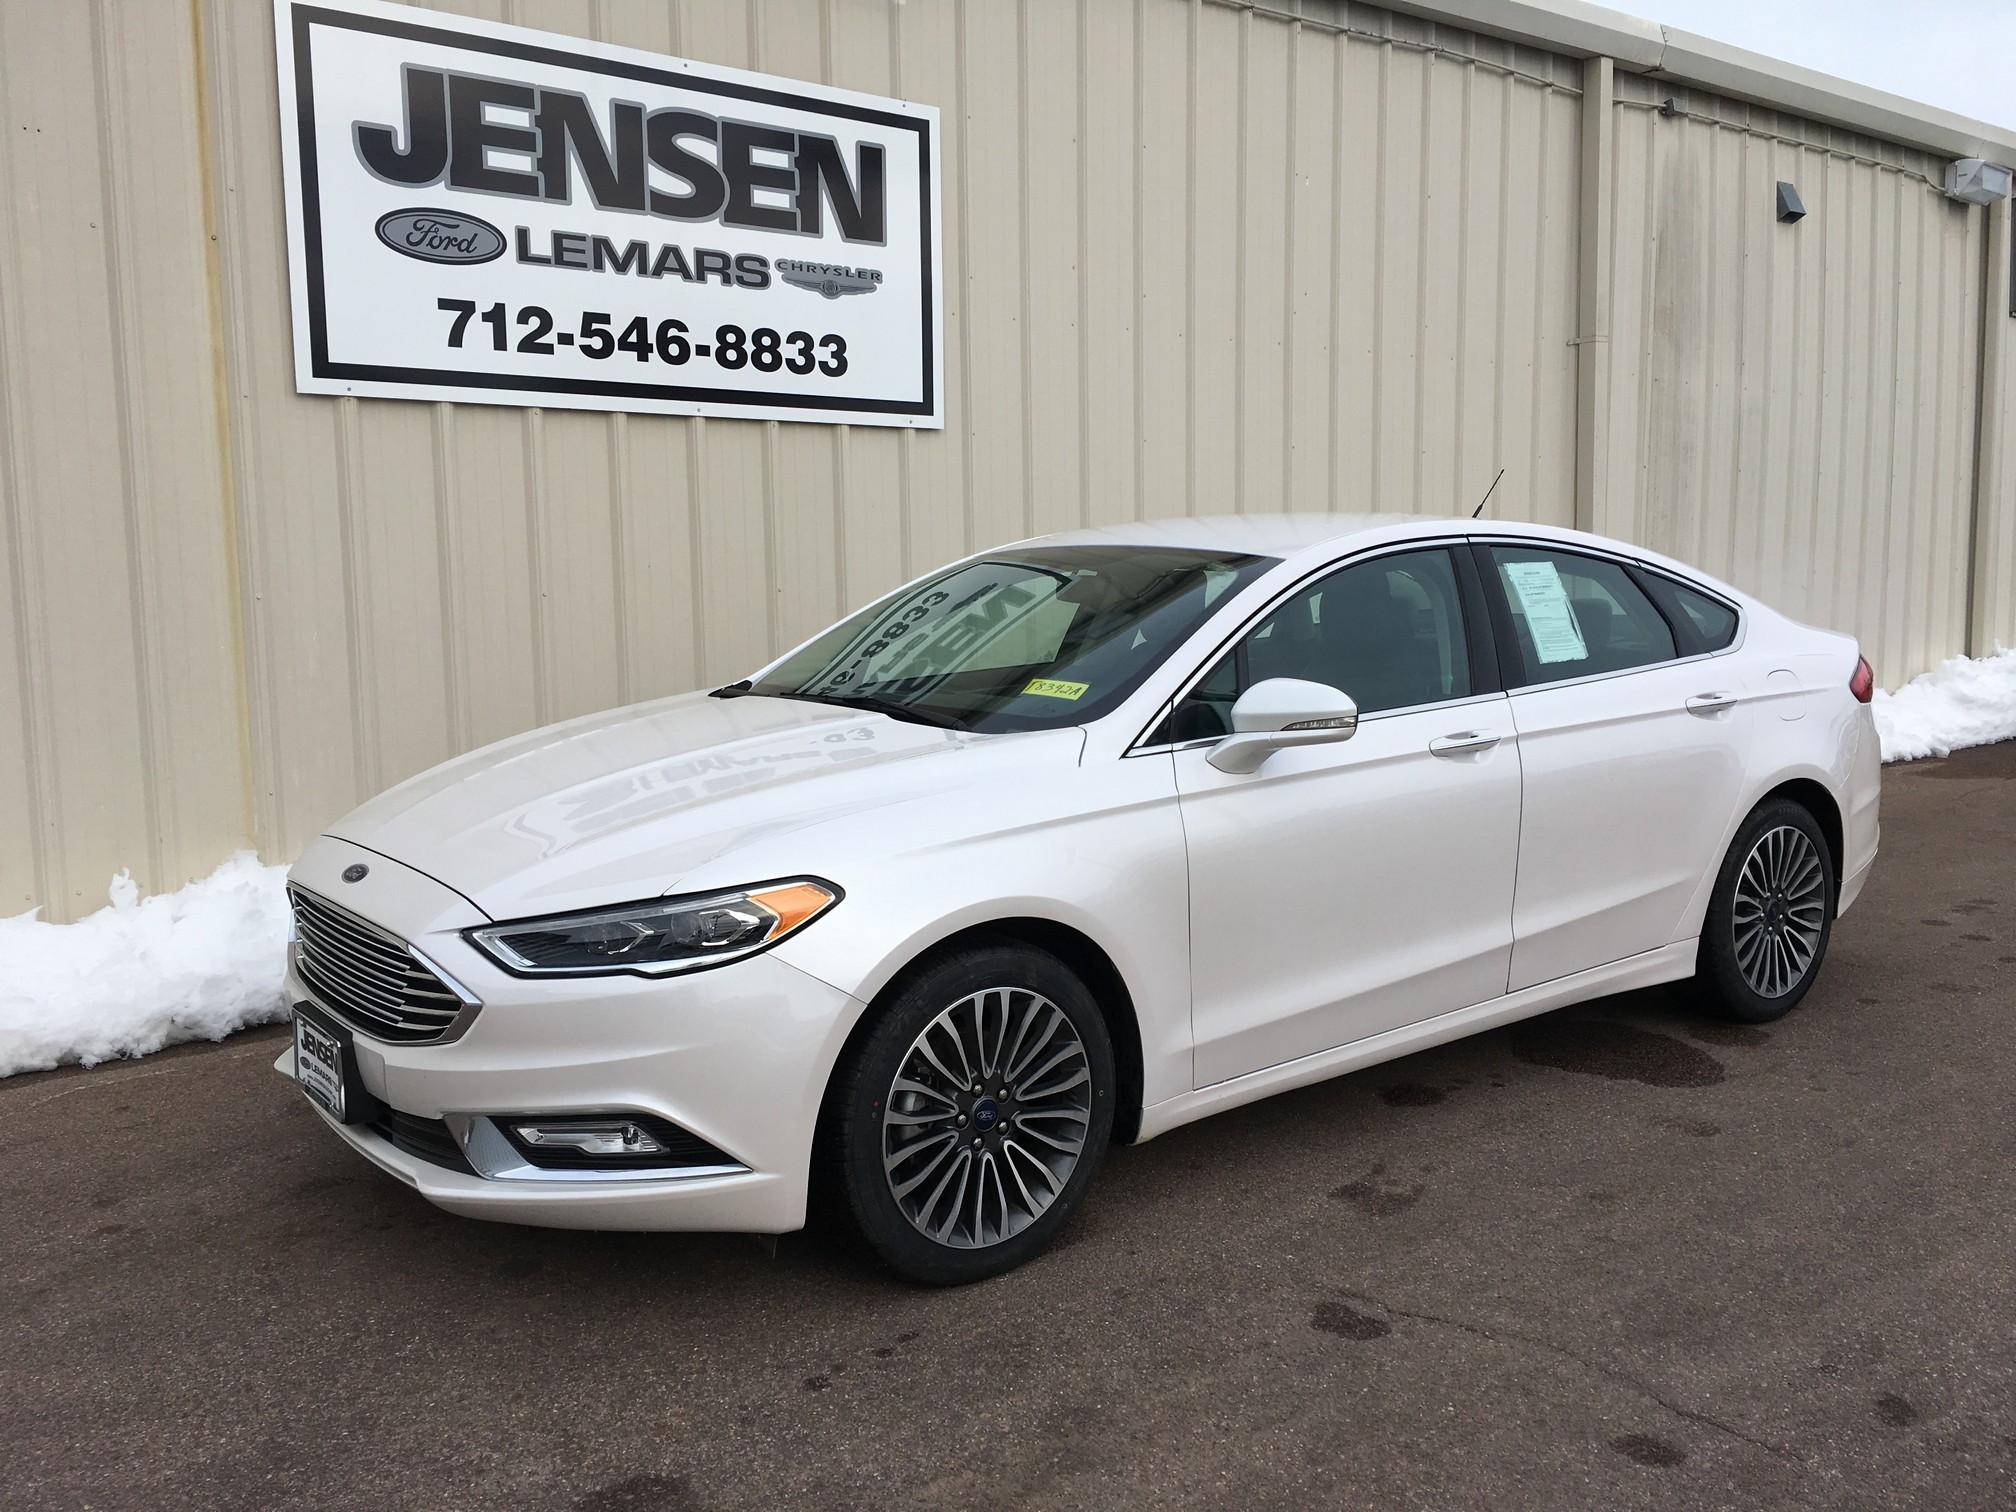 2017 Ford Fusion SE Car